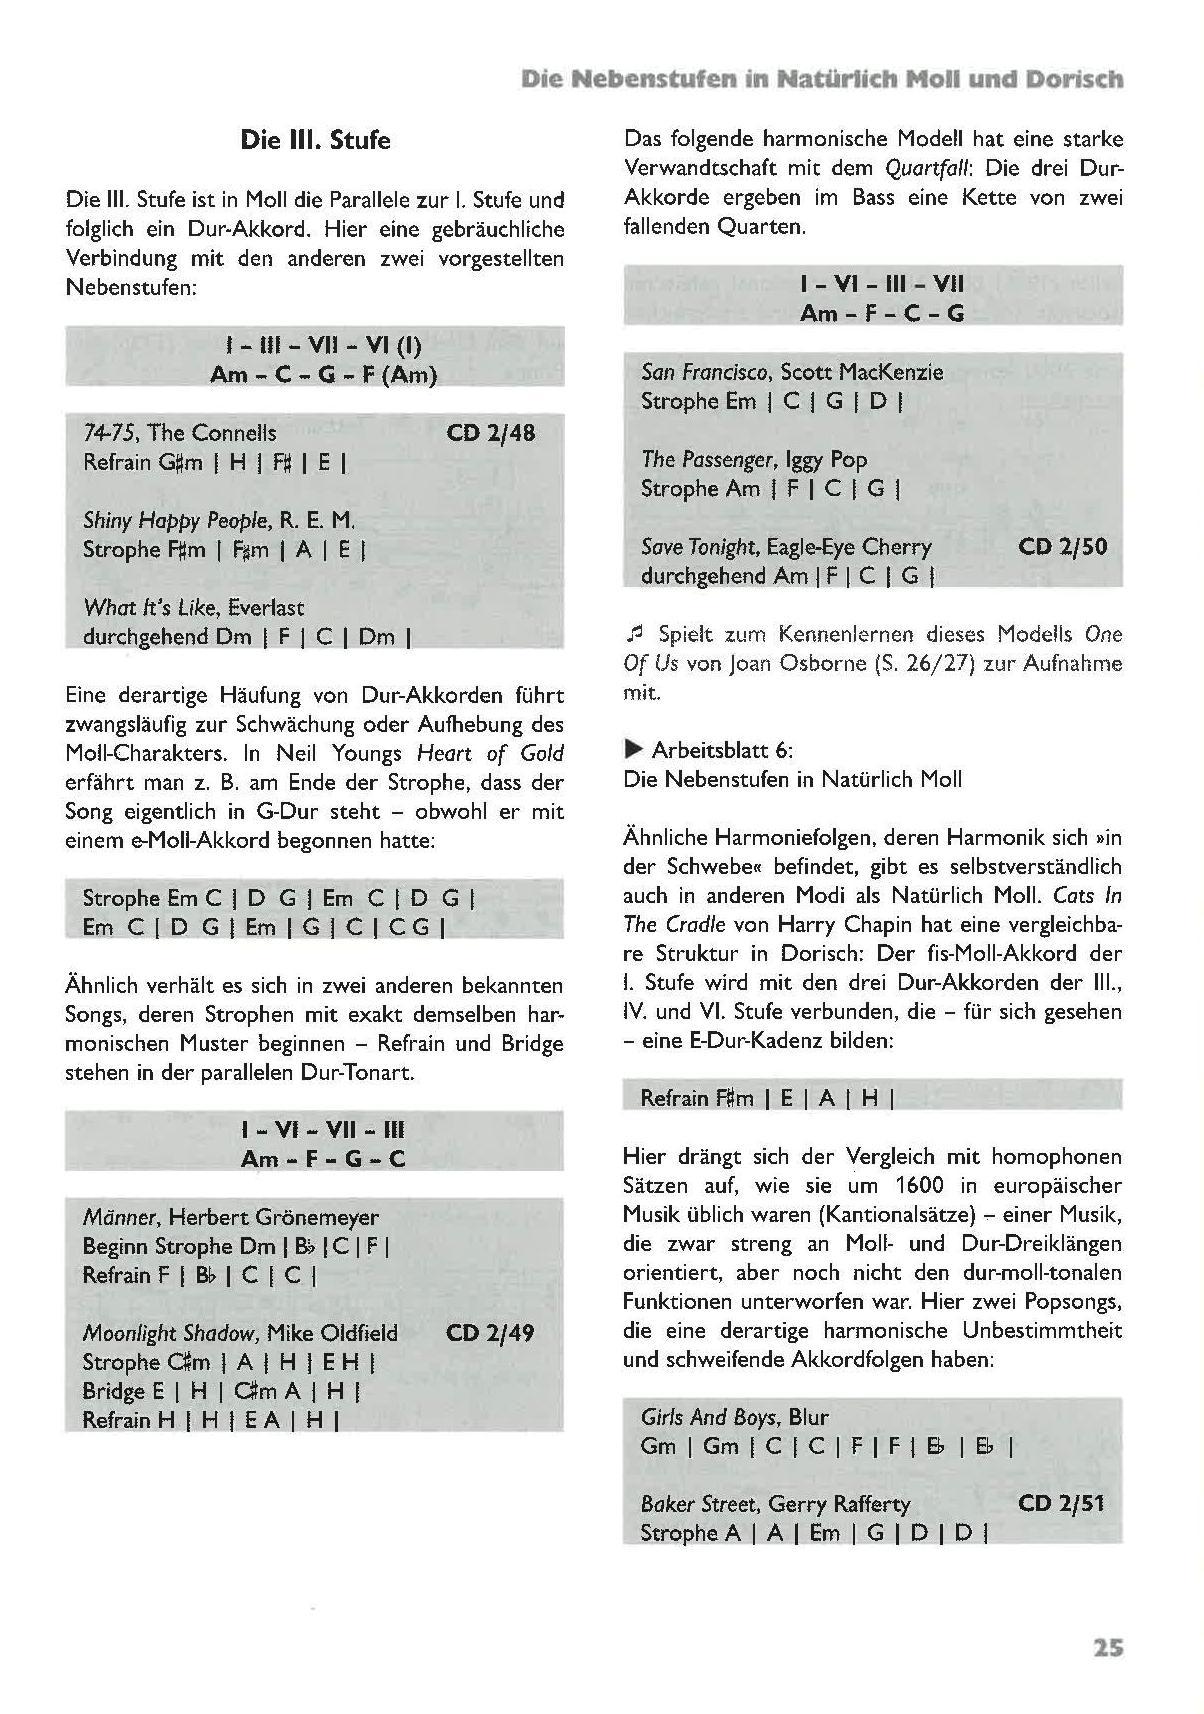 Schön Rock Bewertung Arbeitsblatt Bilder - Super Lehrer ...